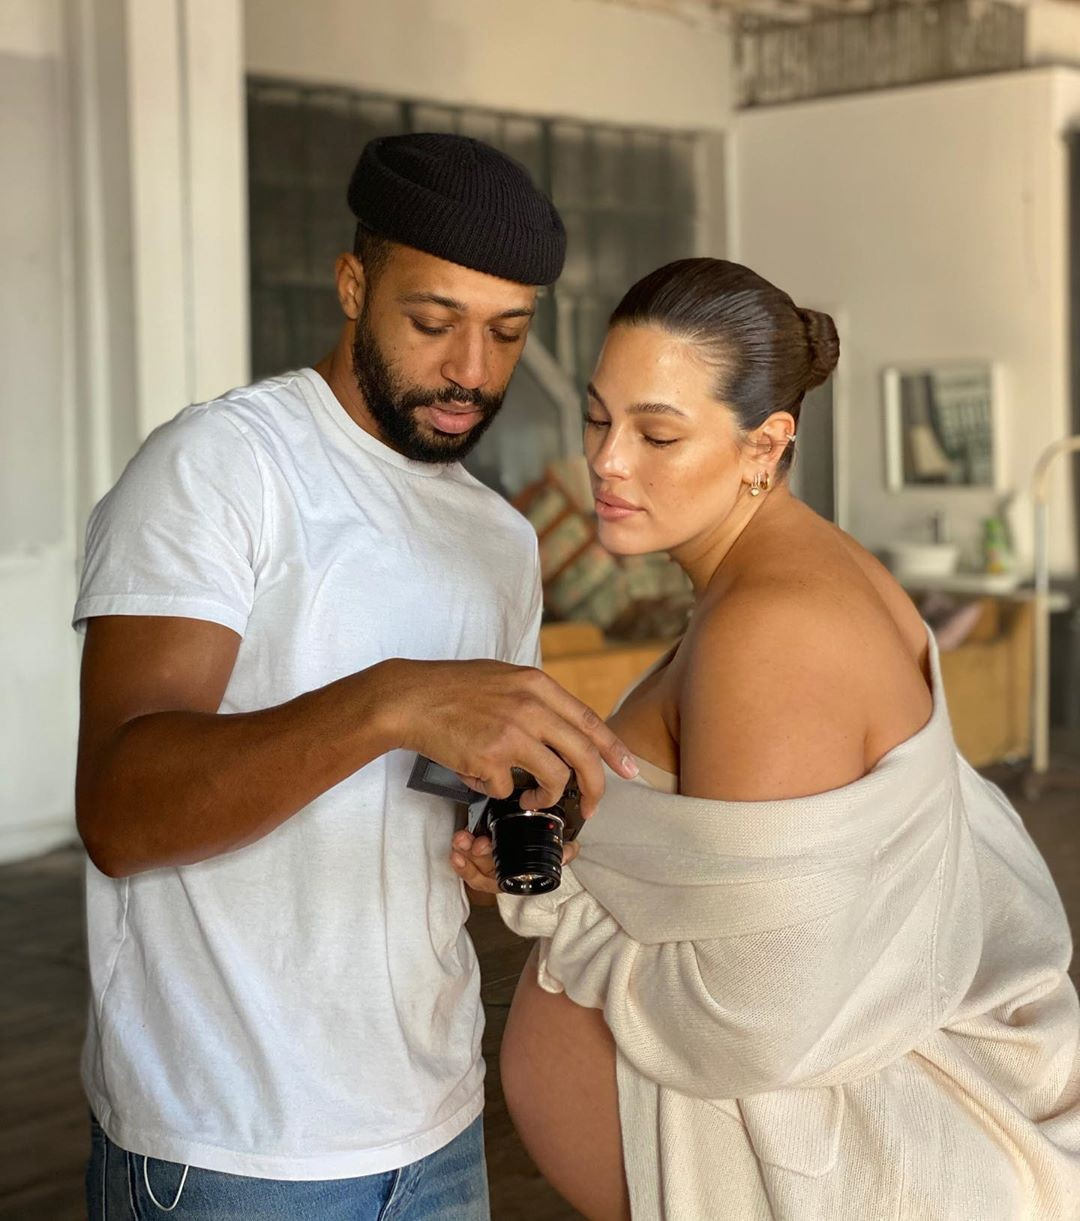 На последнем месяце беременности: Эшли Грэм полностью обнажилась (ФОТО) - фото №2